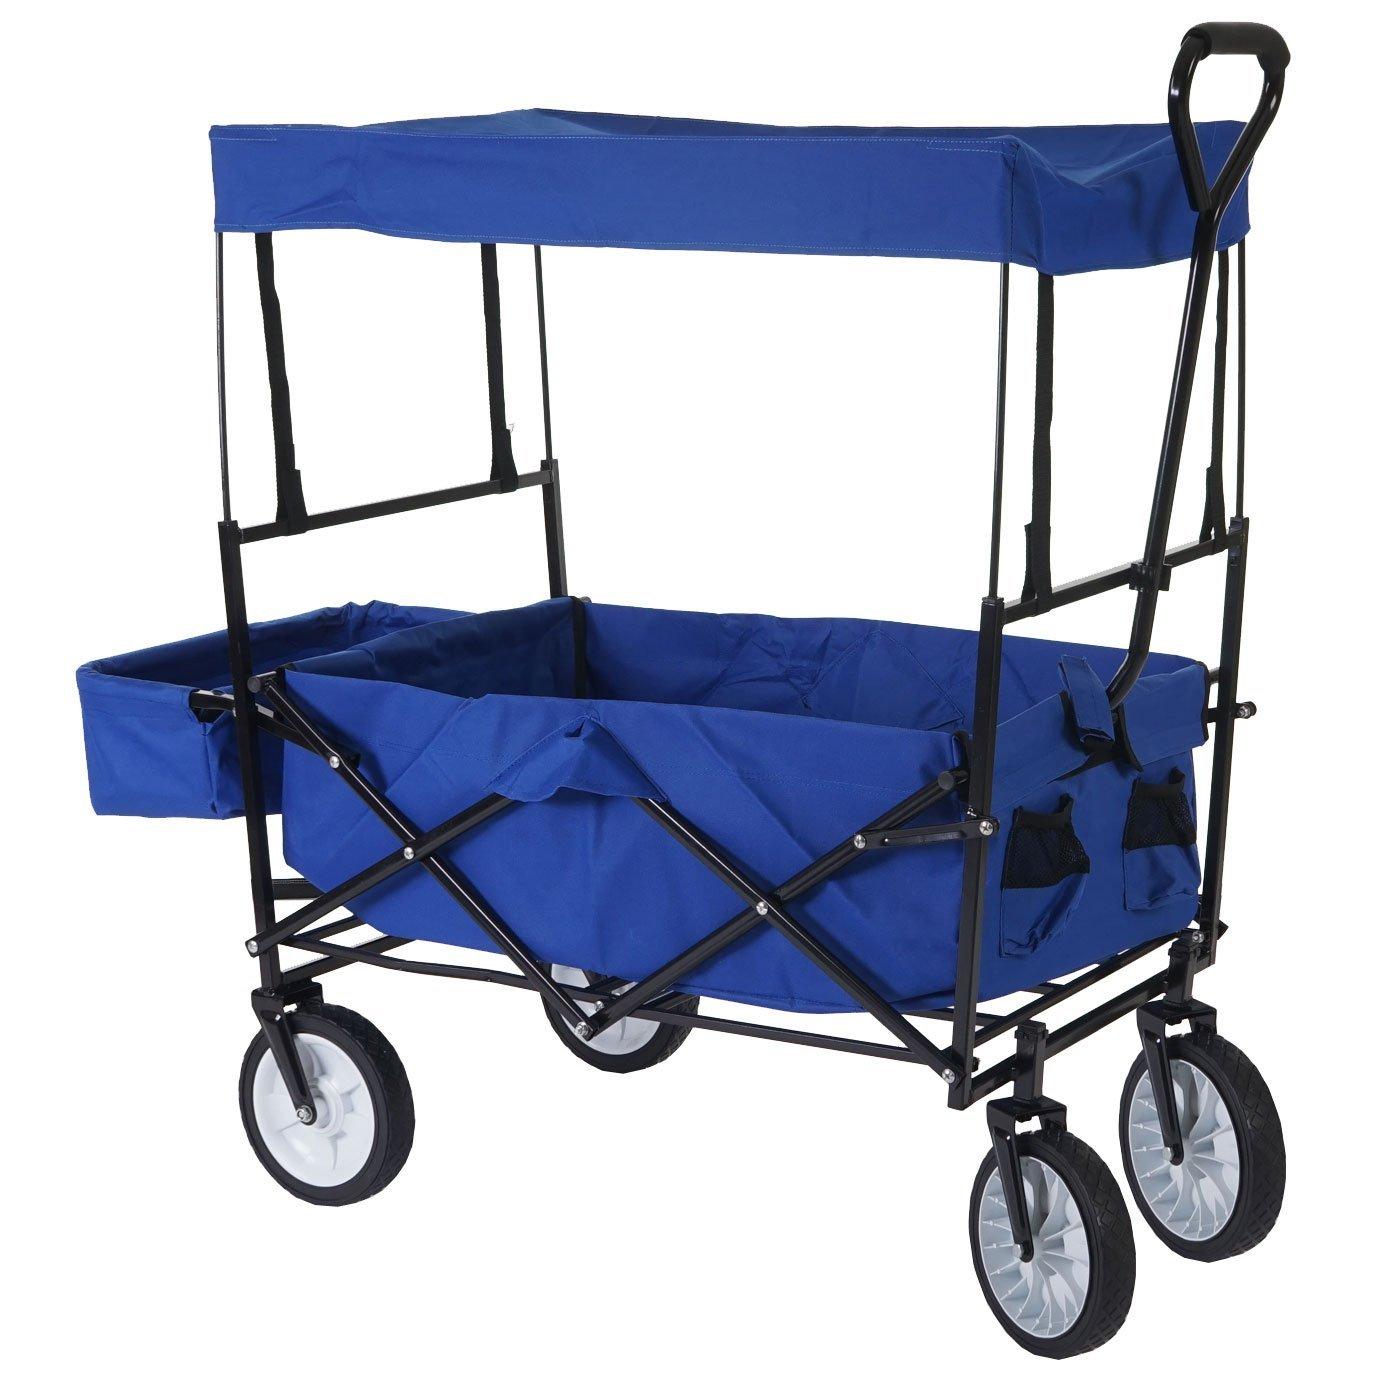 bollerwagen mit dach test bollerwagen. Black Bedroom Furniture Sets. Home Design Ideas